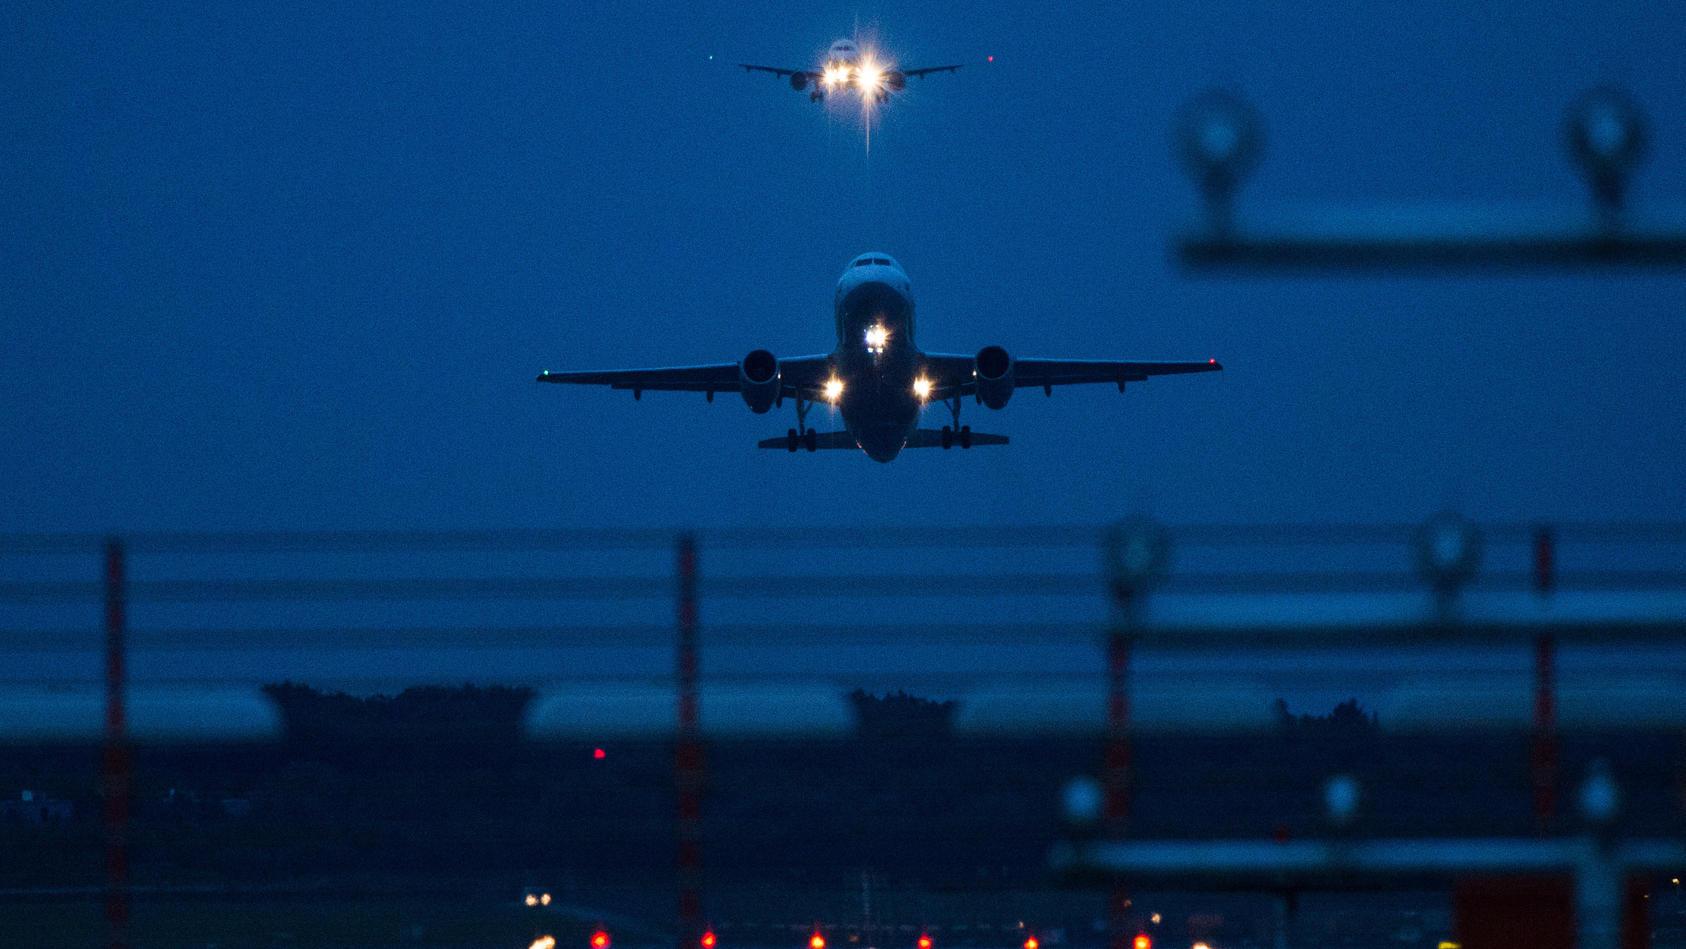 Bundesumweltministerin Svenja Schulze will das Fliegen teurer machen.